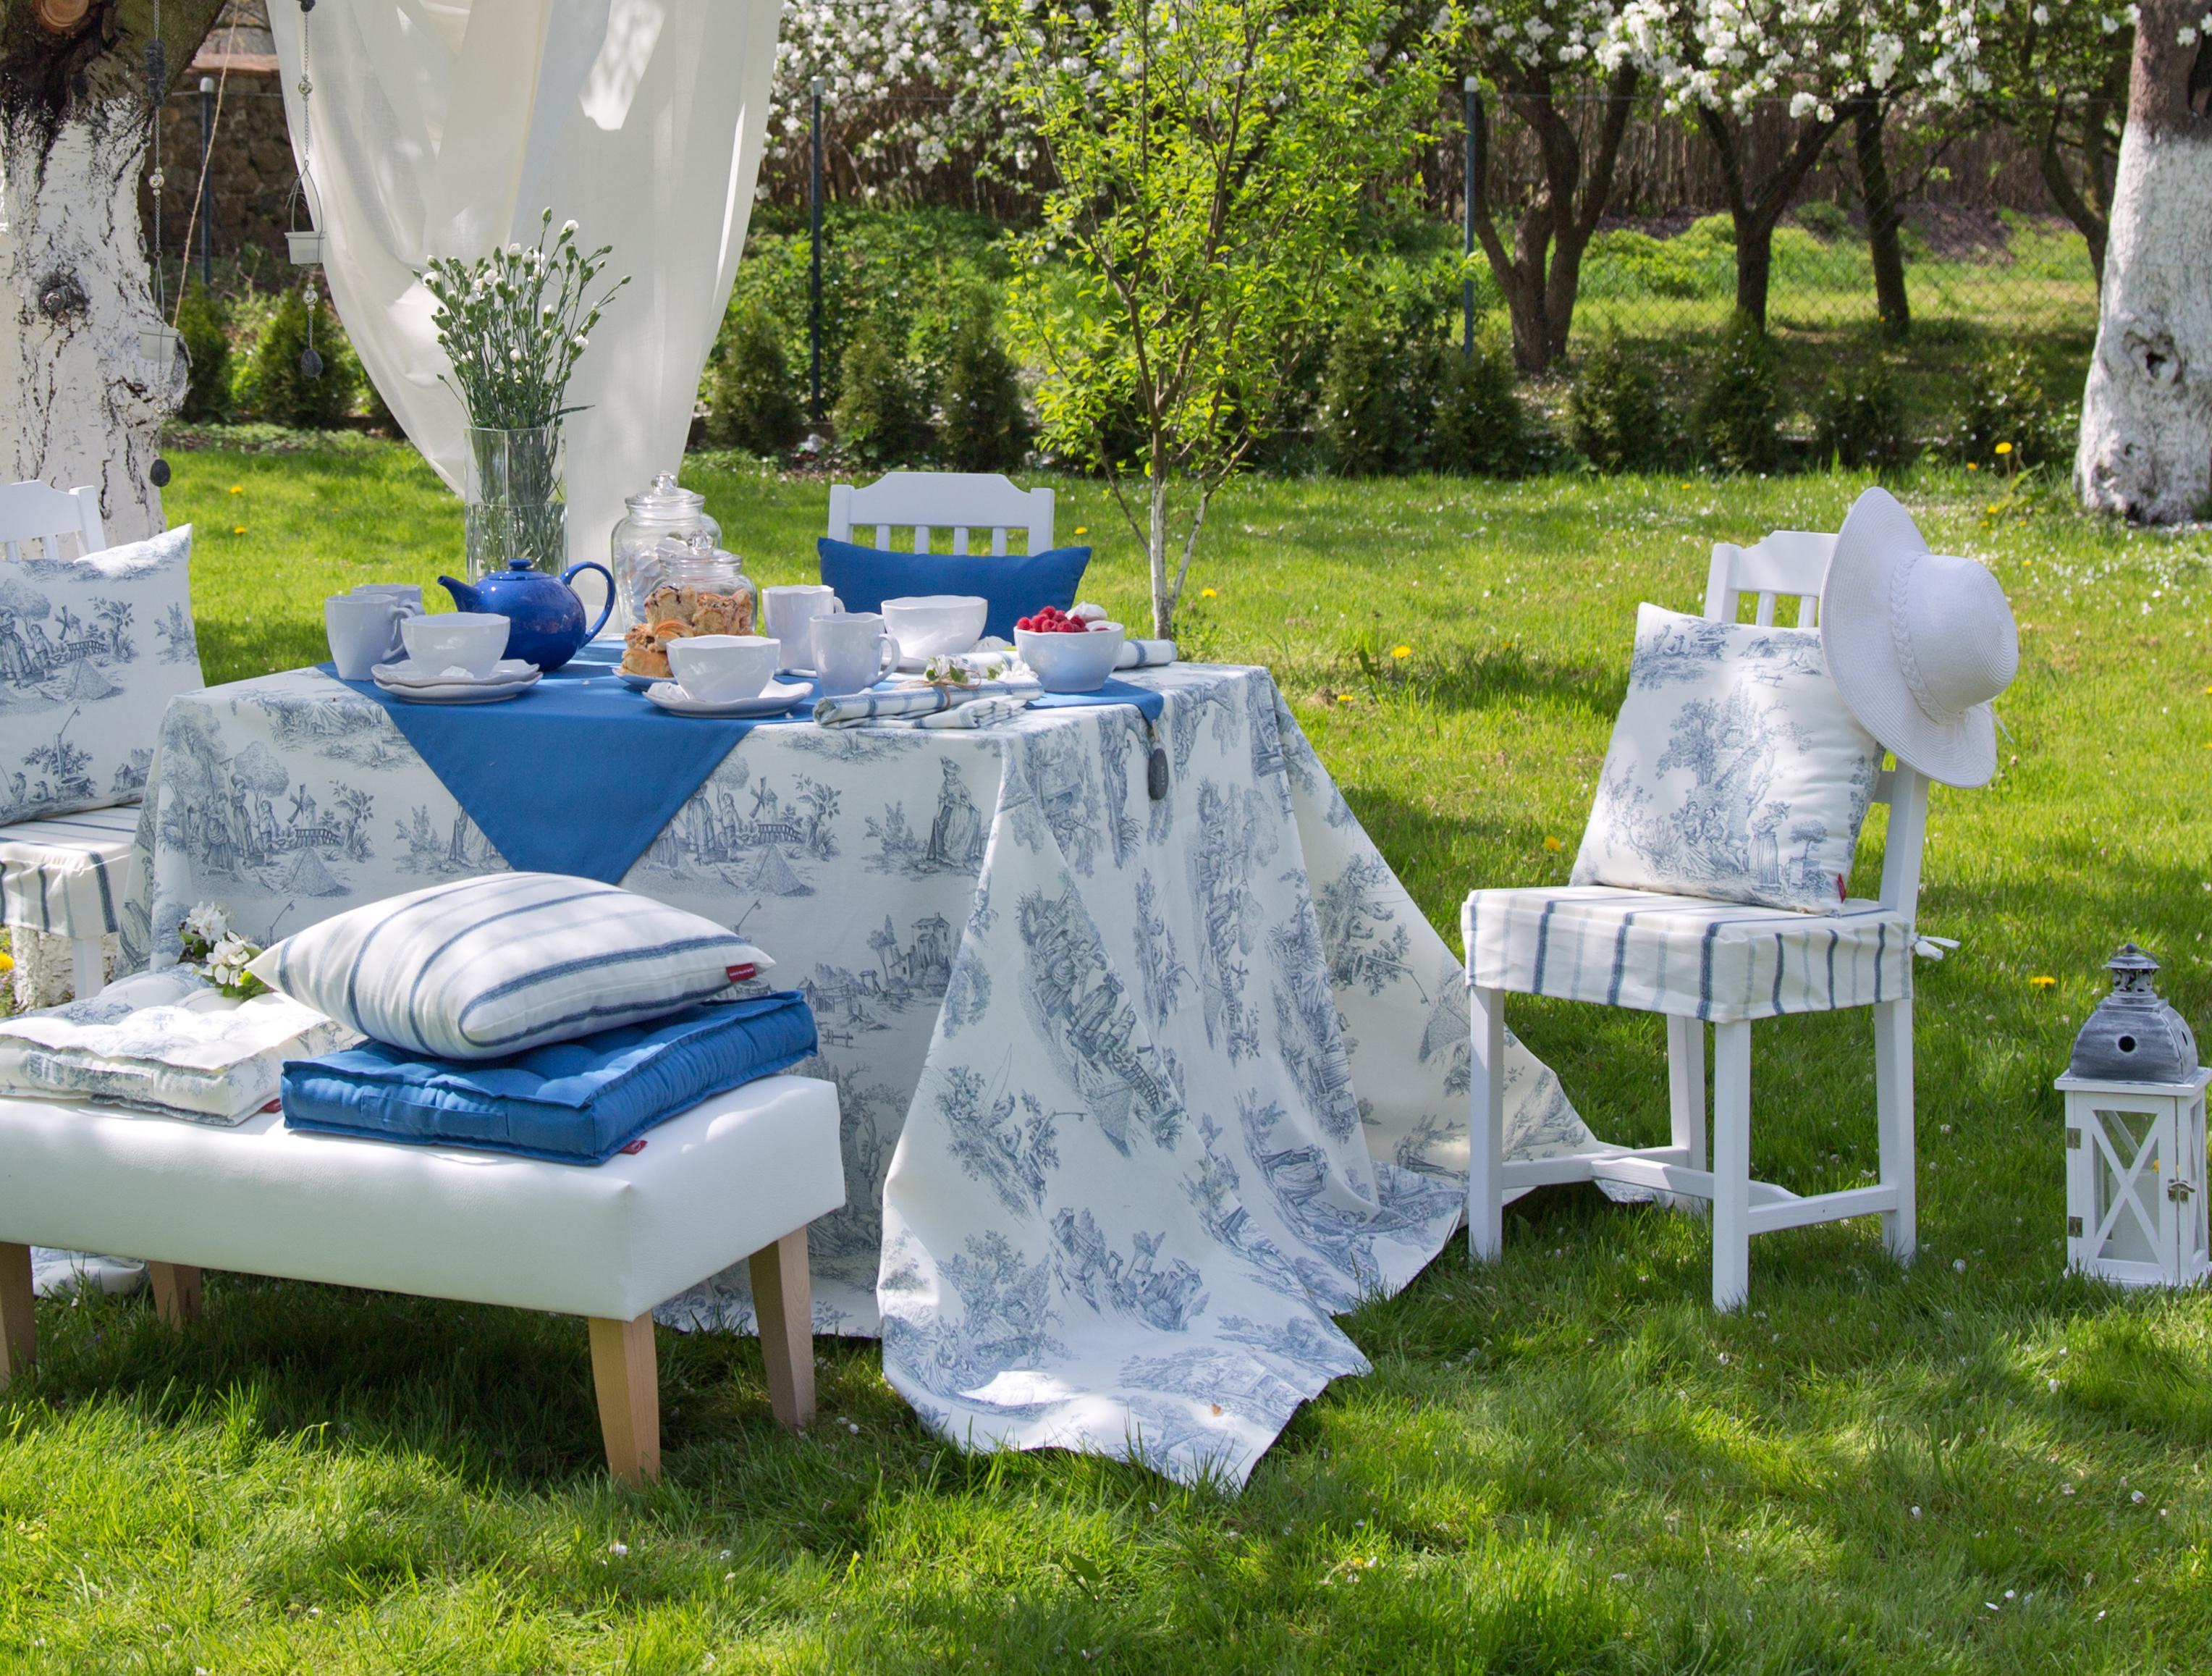 Garten mit Blau und Weiß dekorieren